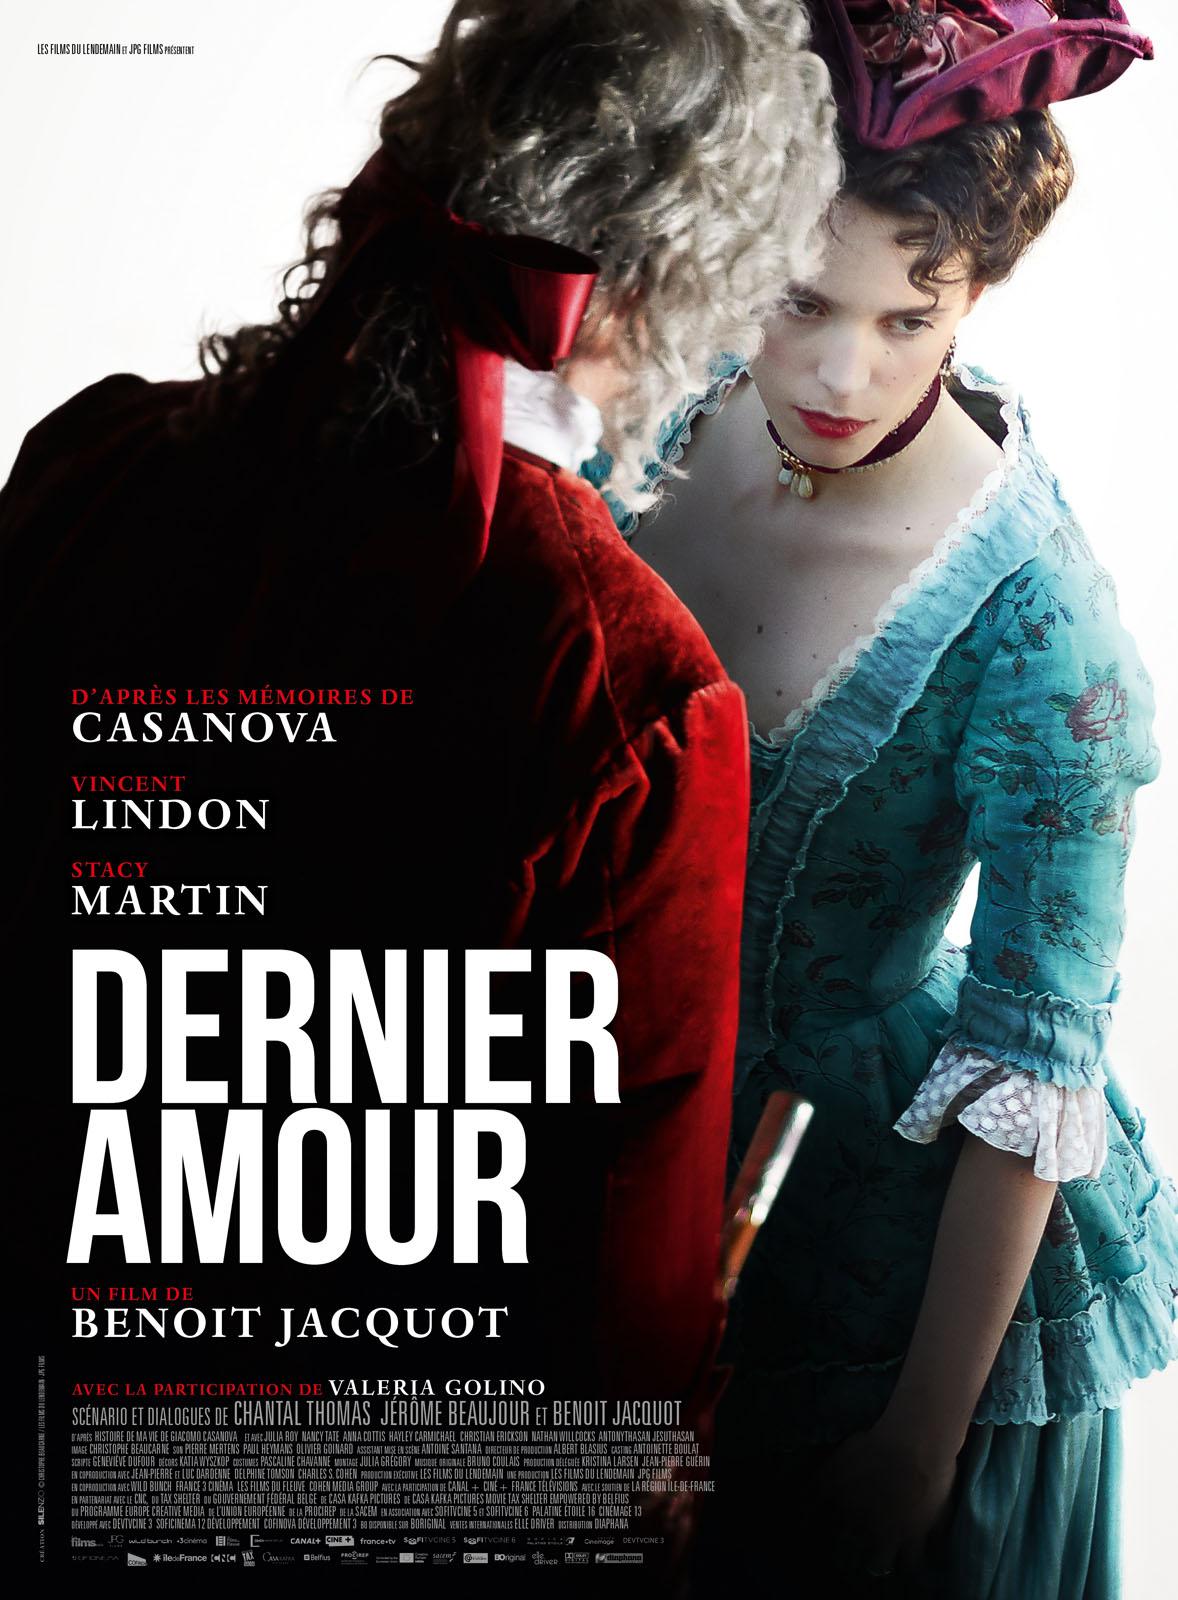 [好雷] 卡薩諾瓦的情人 Dernier amour